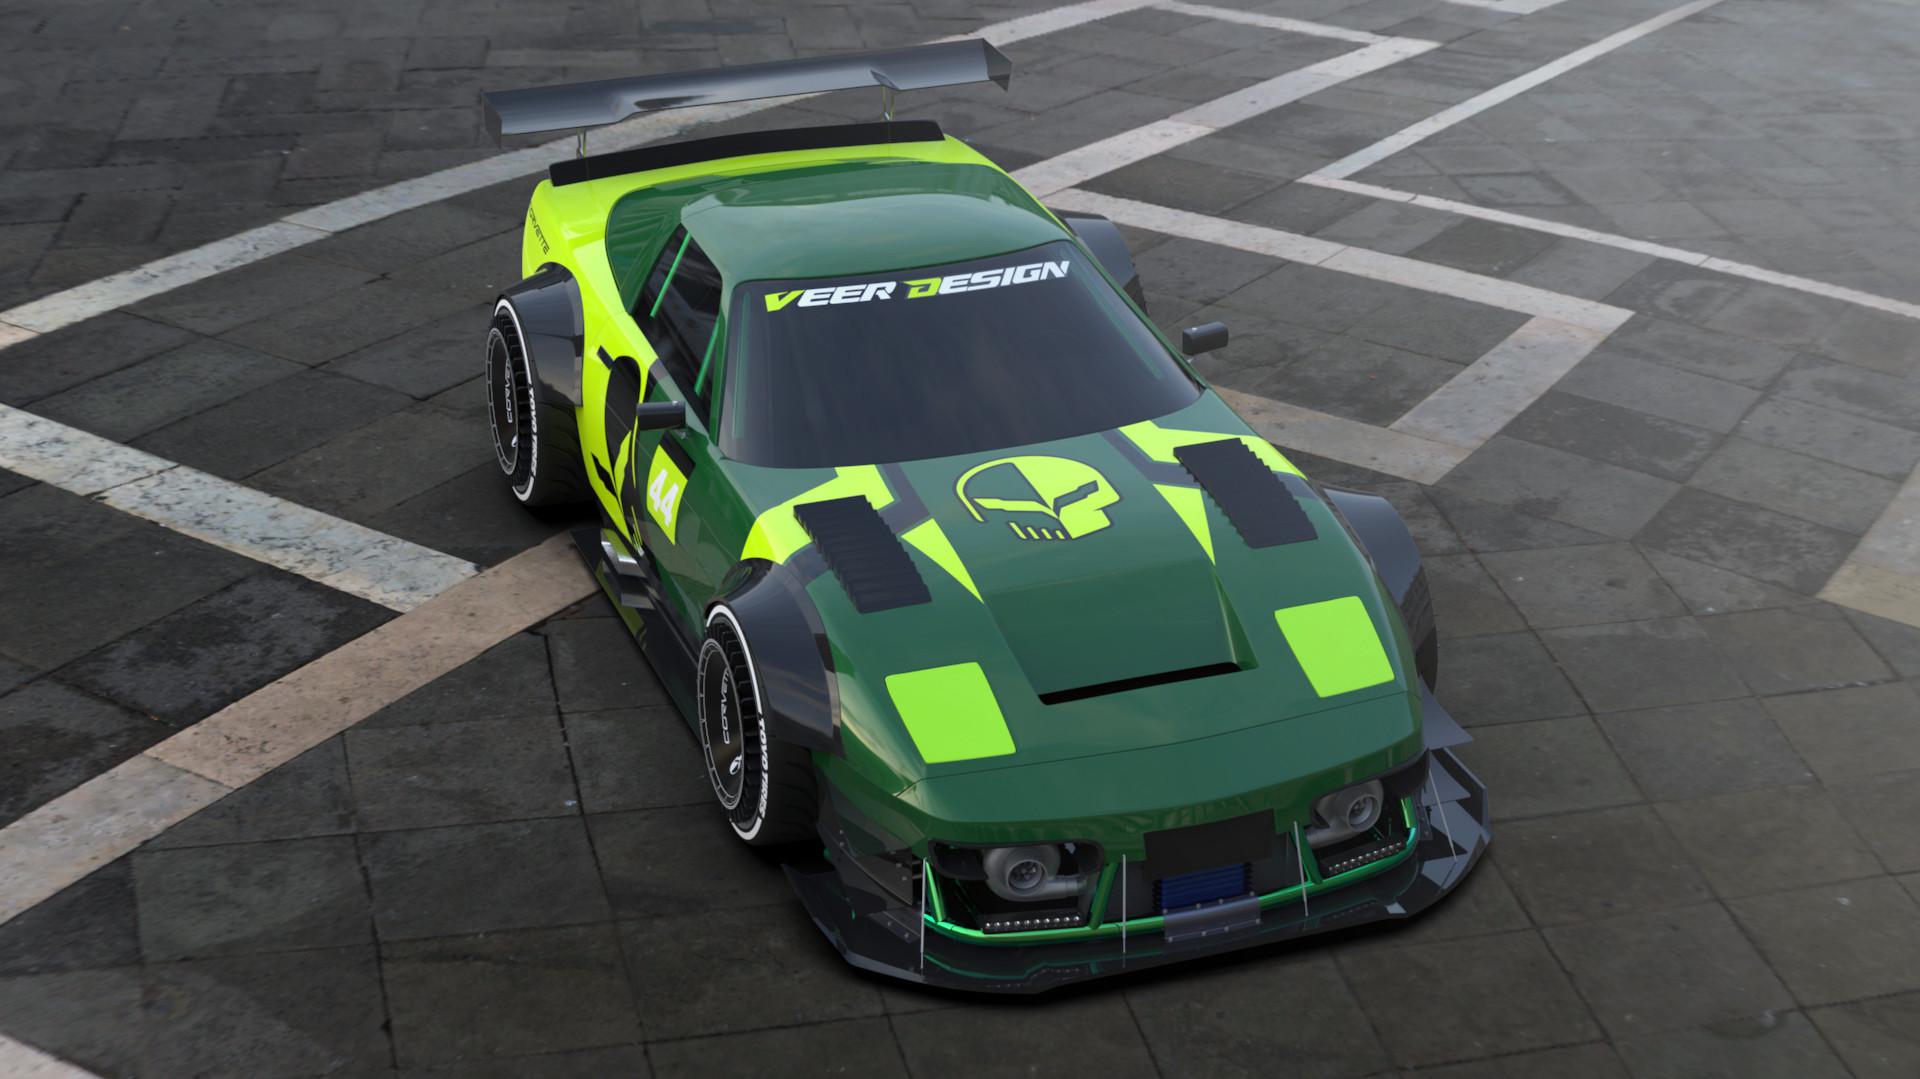 ArtStation - Chevrolet Corvette C4, Veer Design